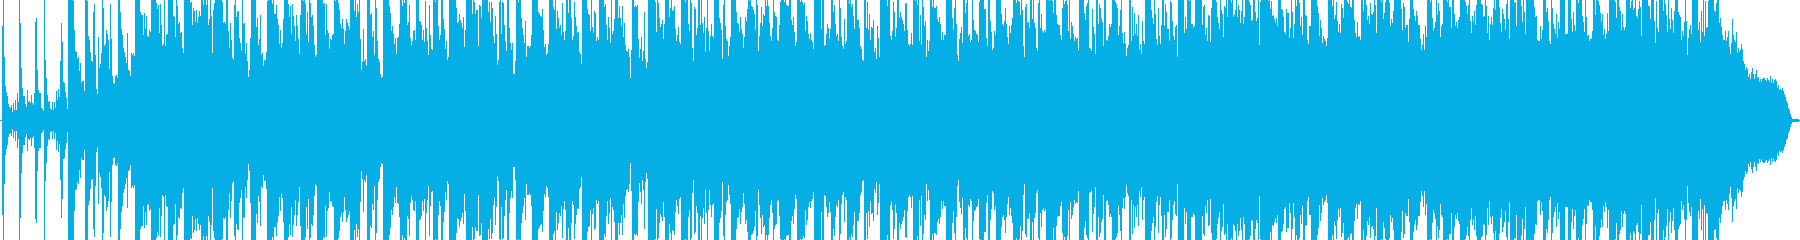 ポップでロックなマーチ。の再生済みの波形